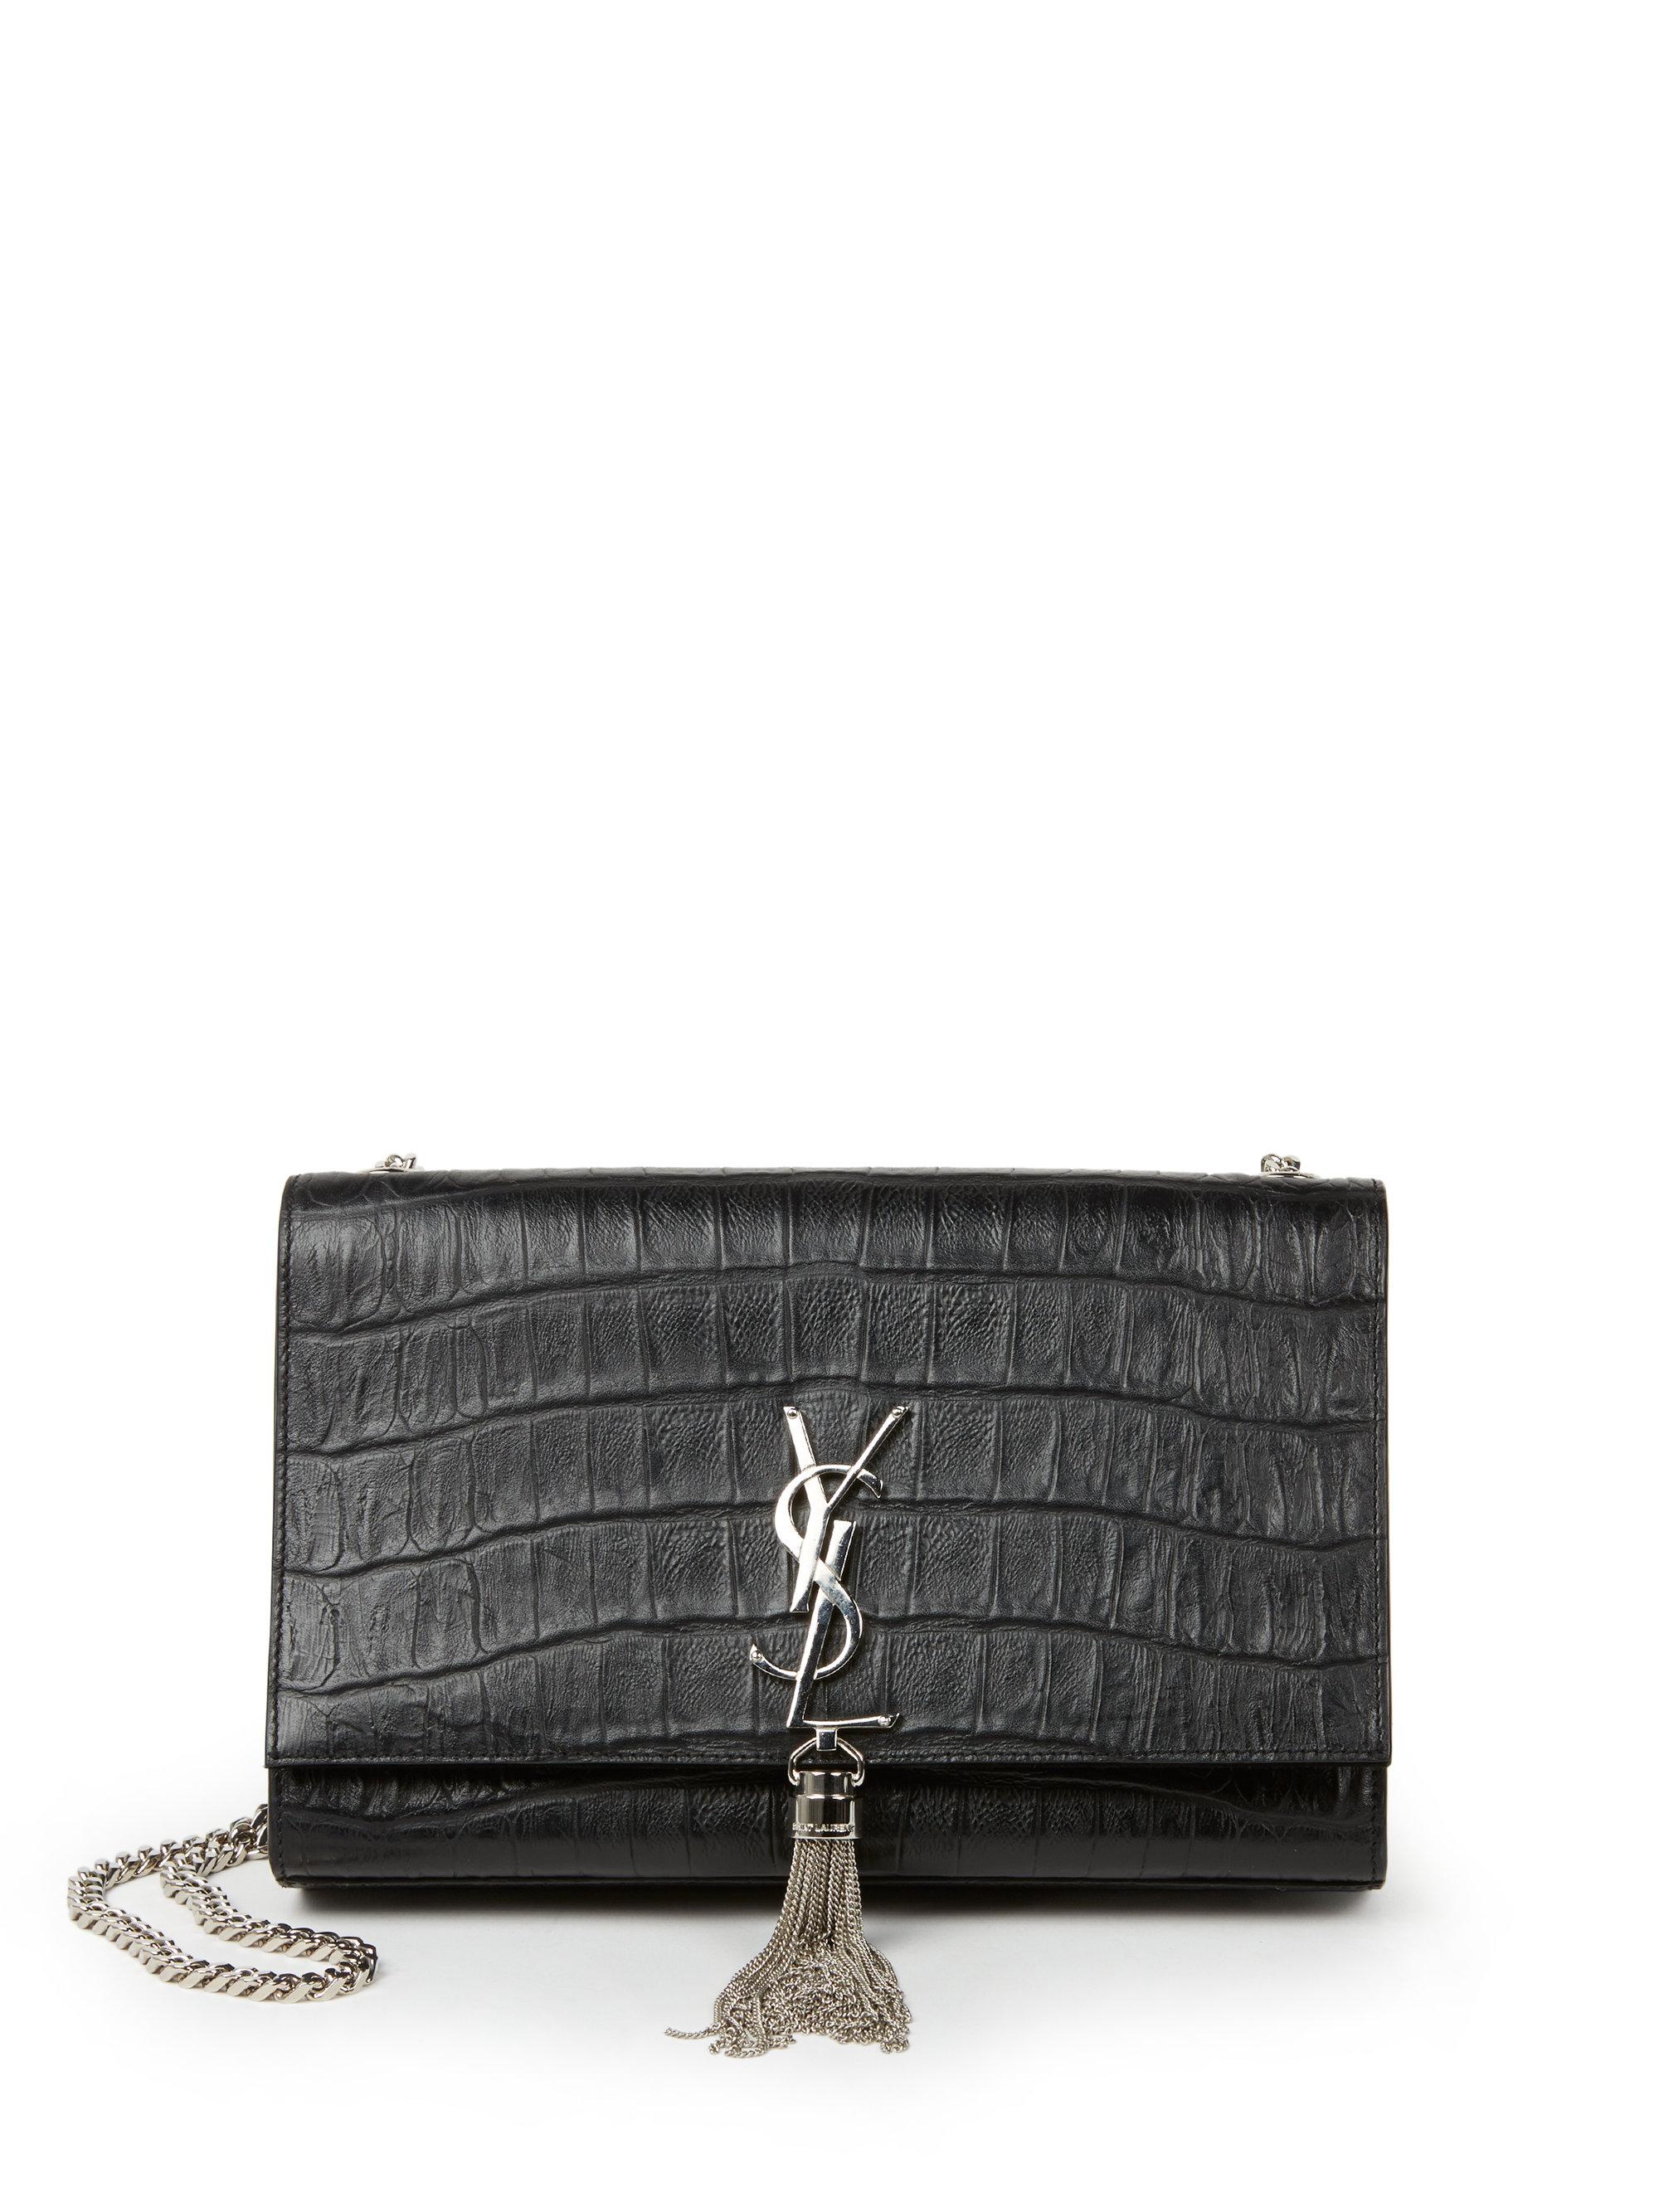 69d4b9a042b4 Lyst - Saint Laurent Monogram Medium Crocodile-embossed Leather ...